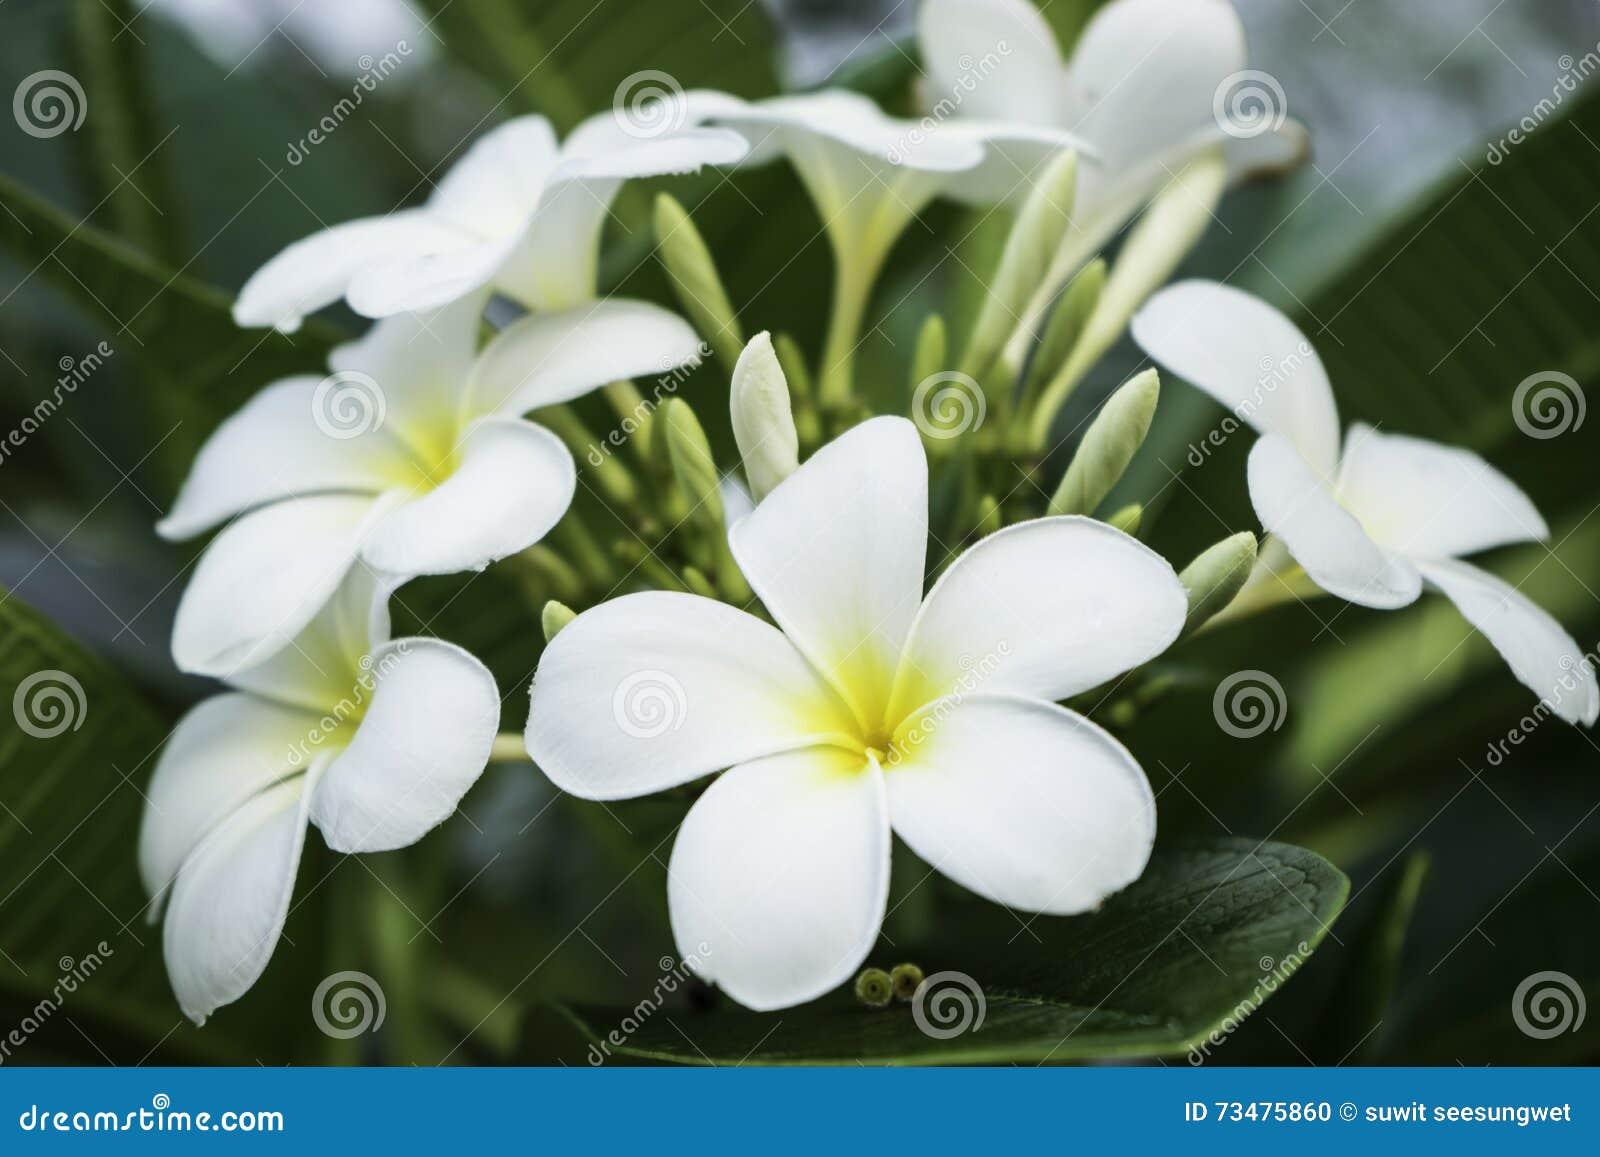 Chumpa花